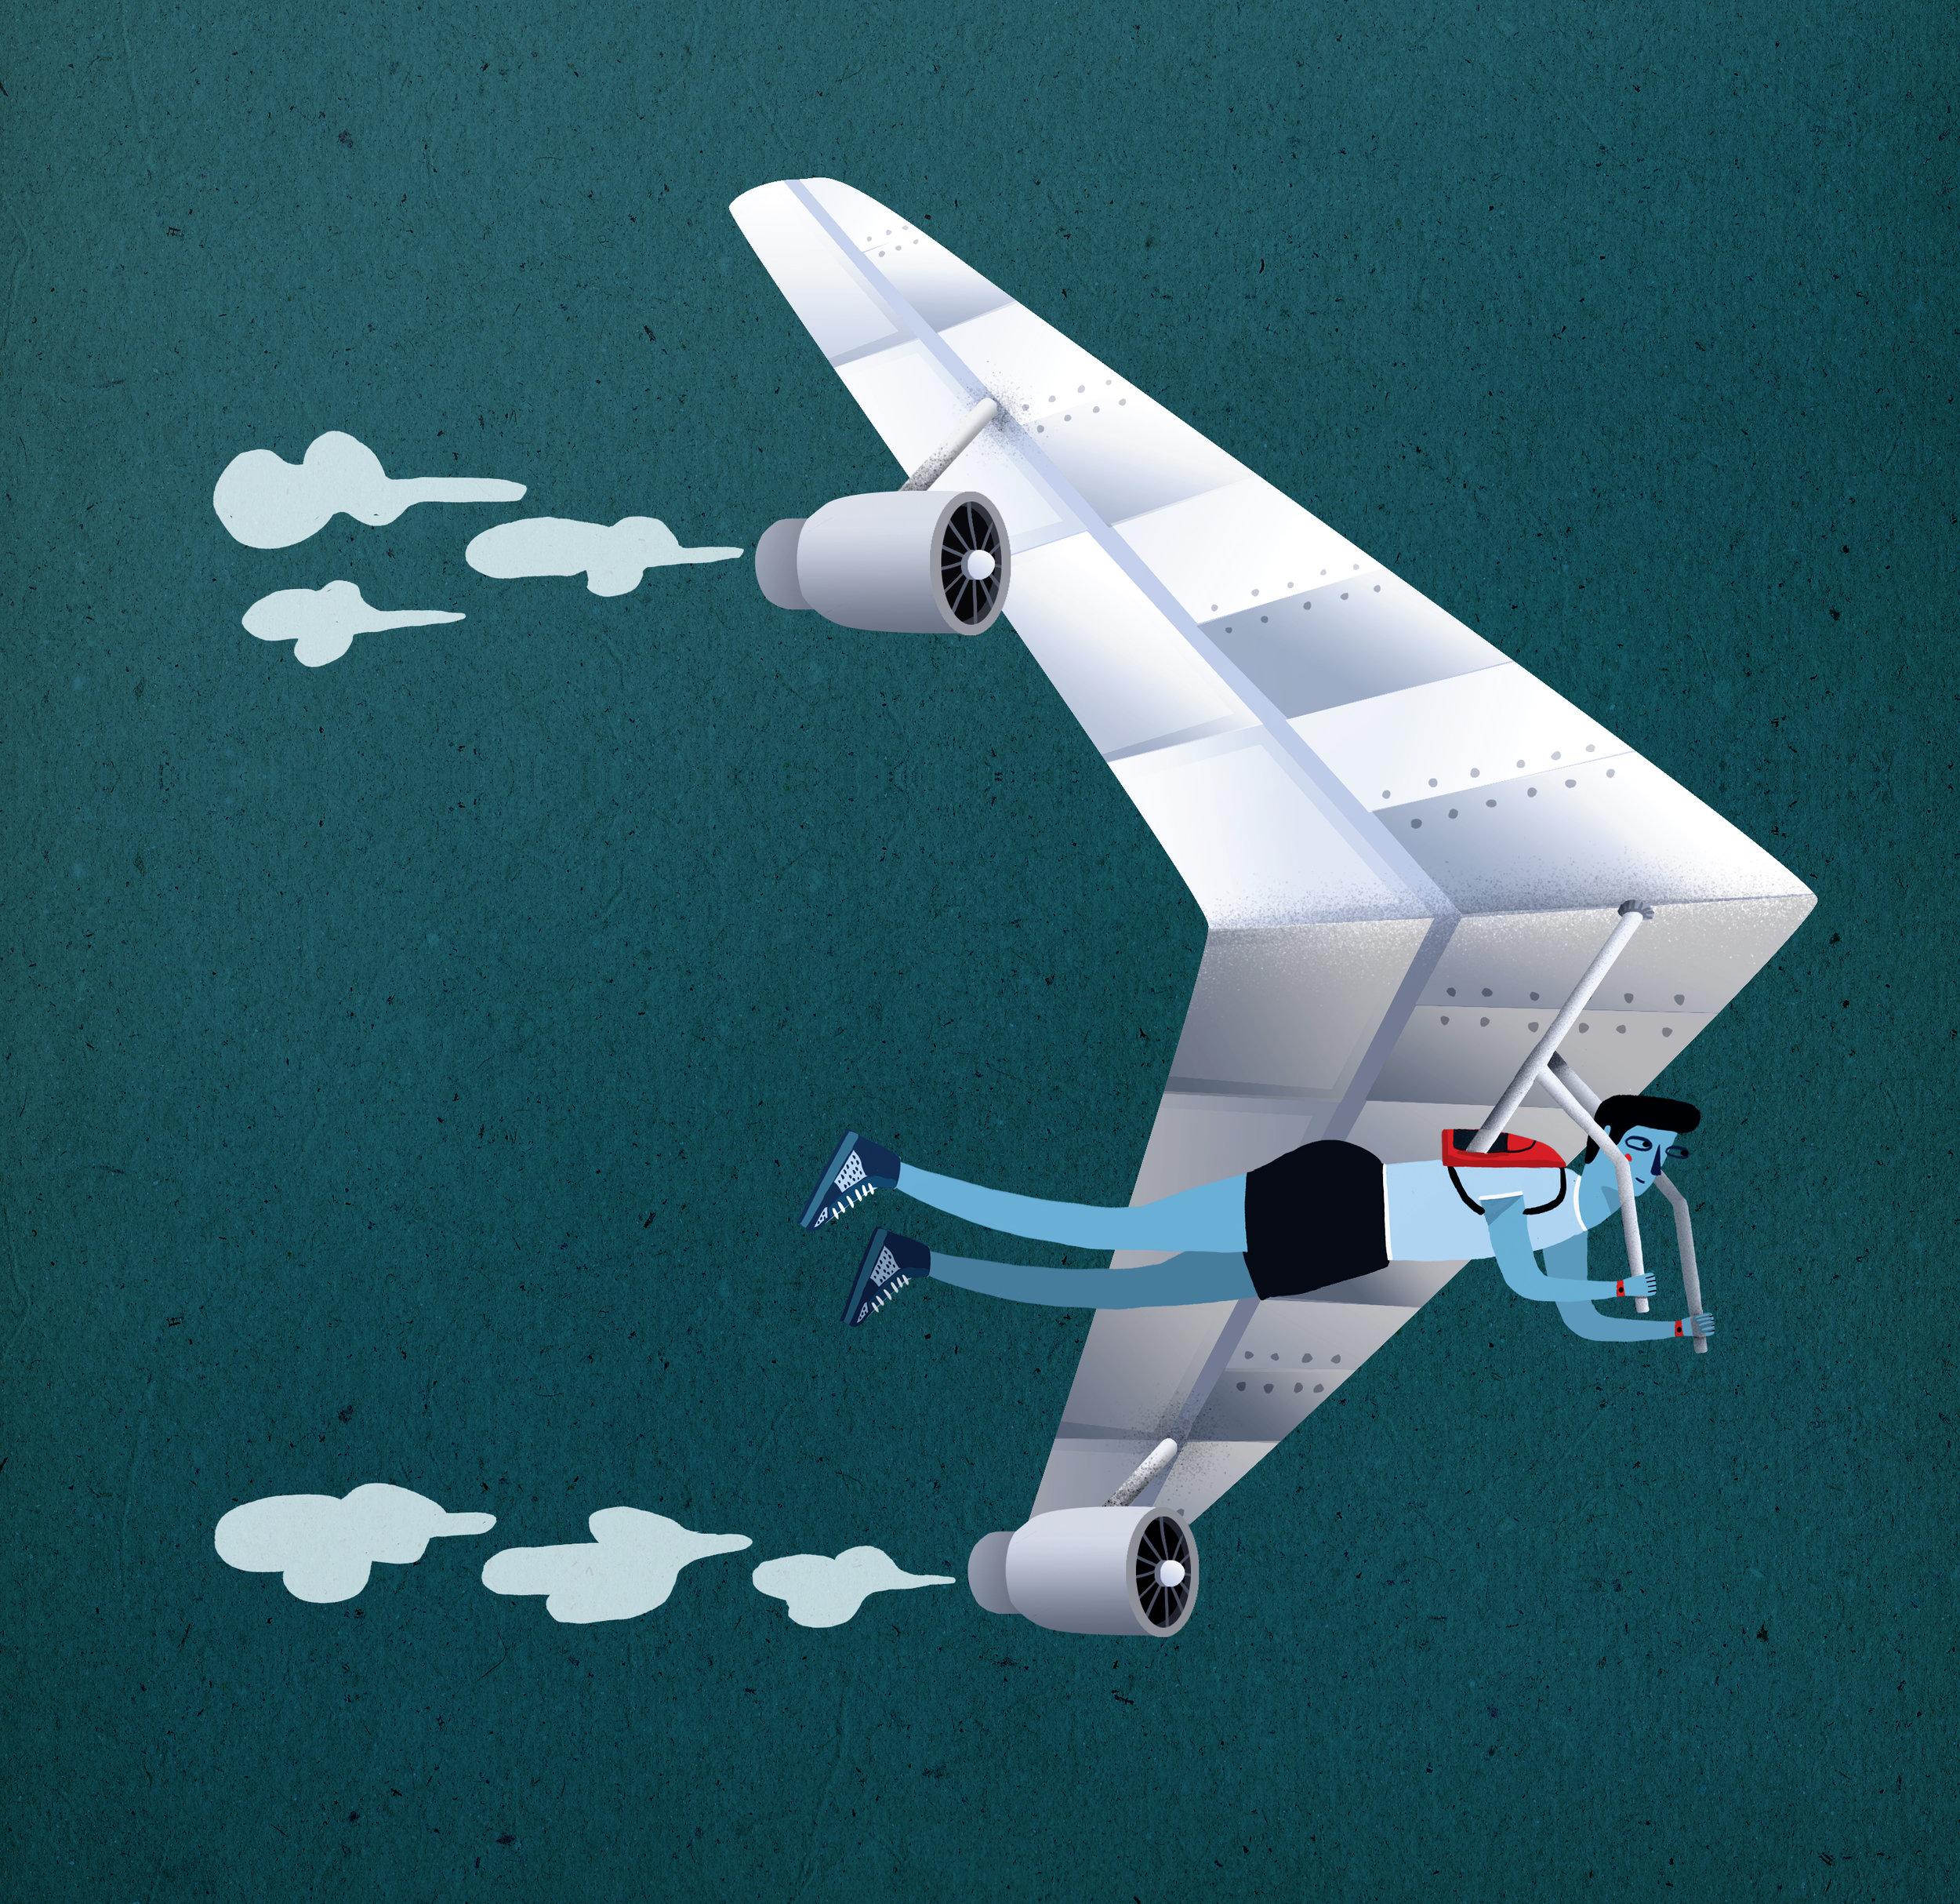 FlyingMachinev4.jpg